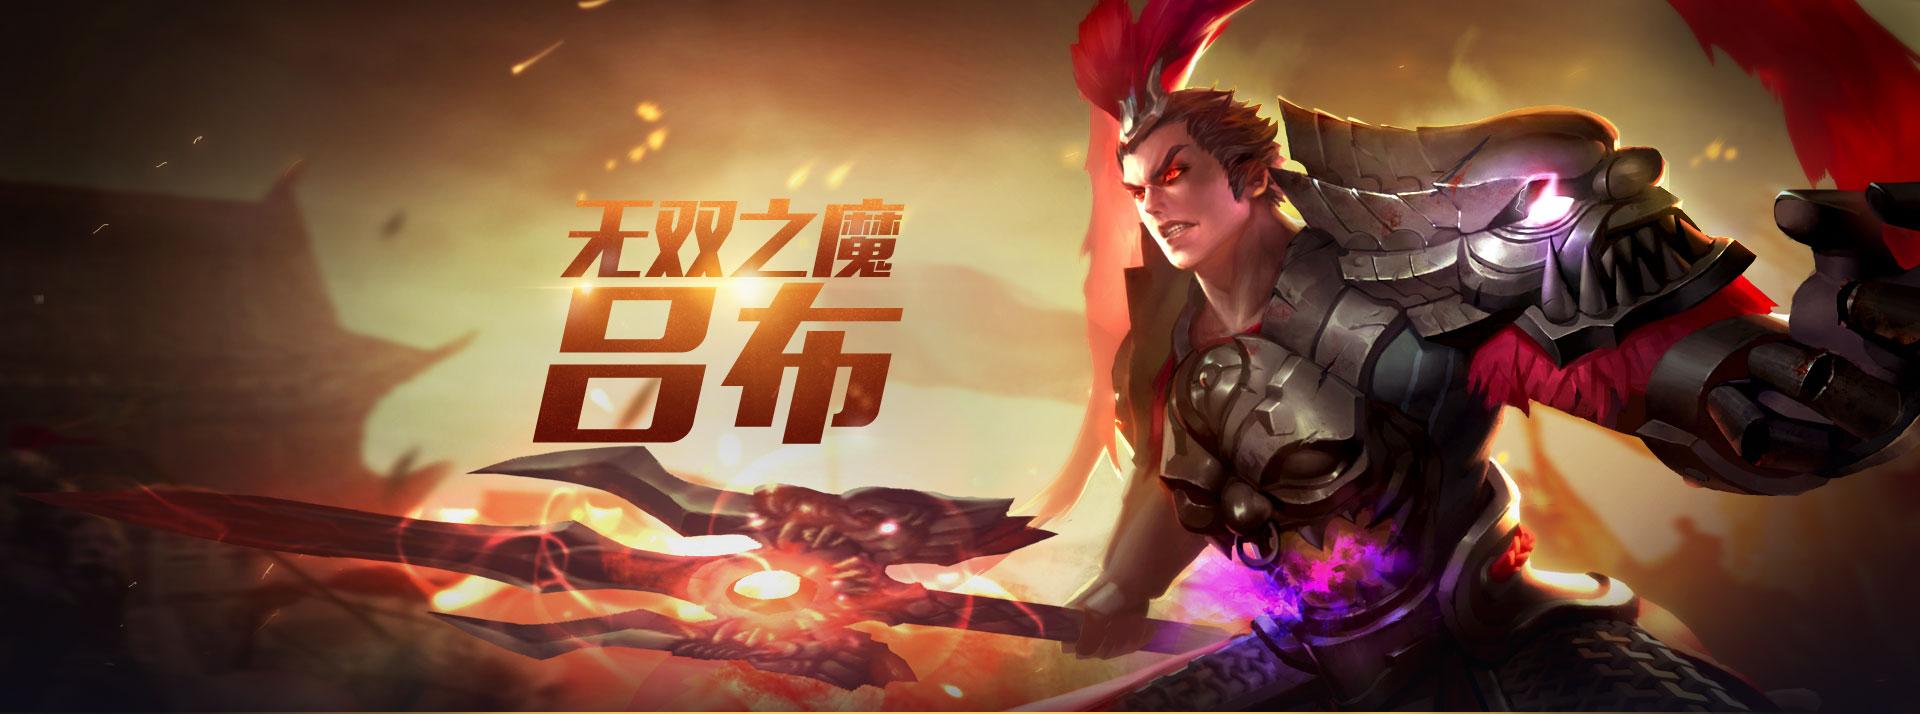 第2弹《王者荣耀英雄皮肤CG》竞技游戏73